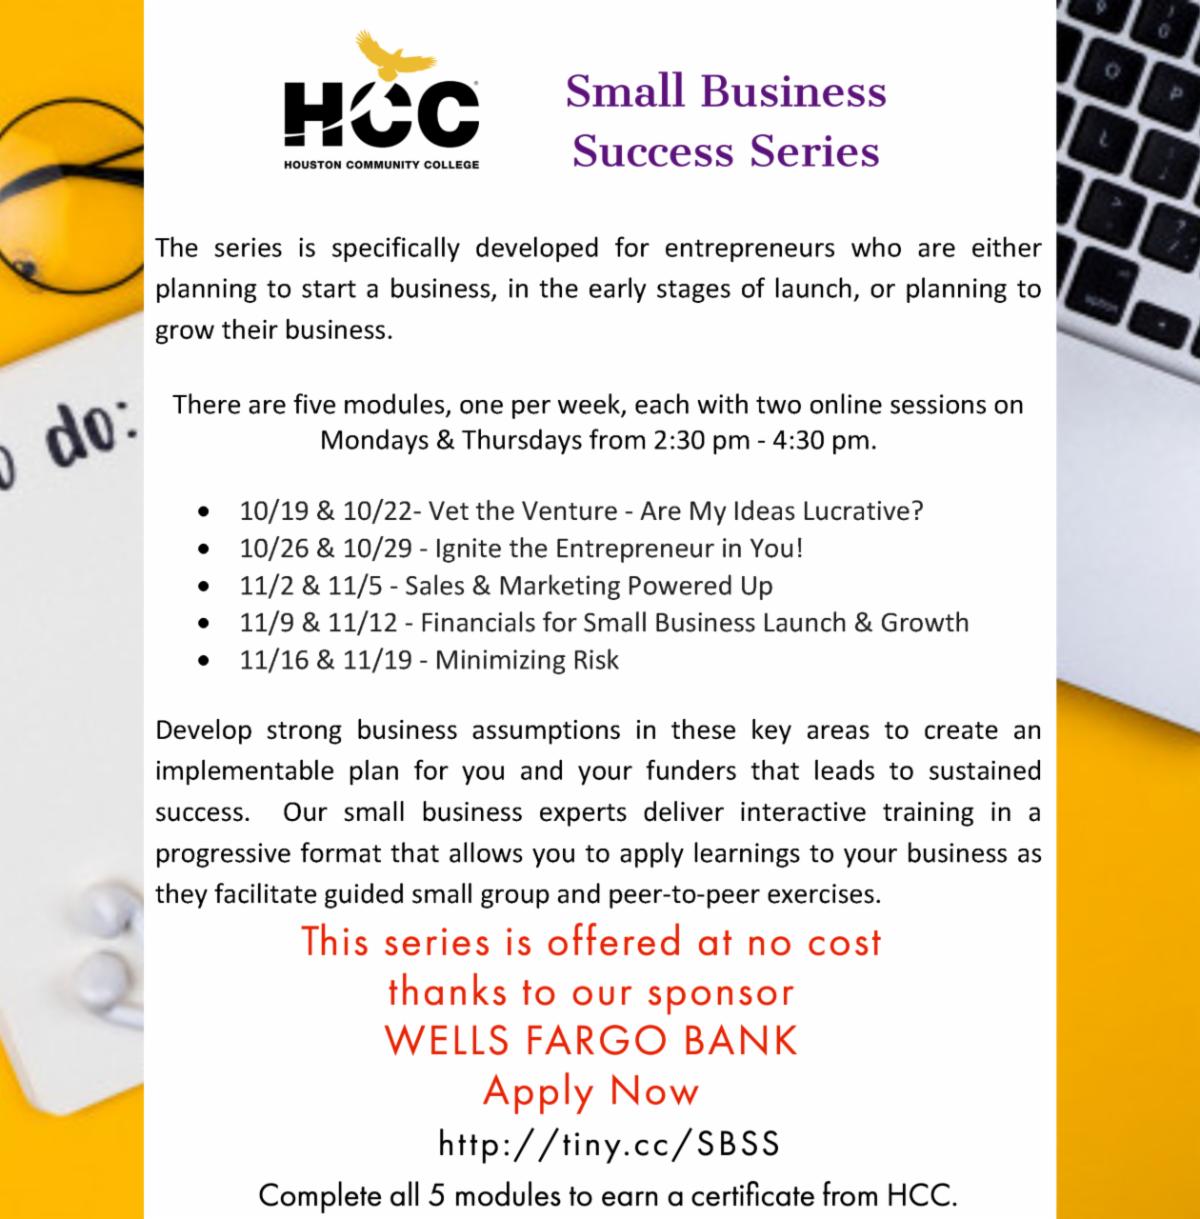 HCC - Office of Entrepreneurial Initiatives: November 2020 Newsletter 17